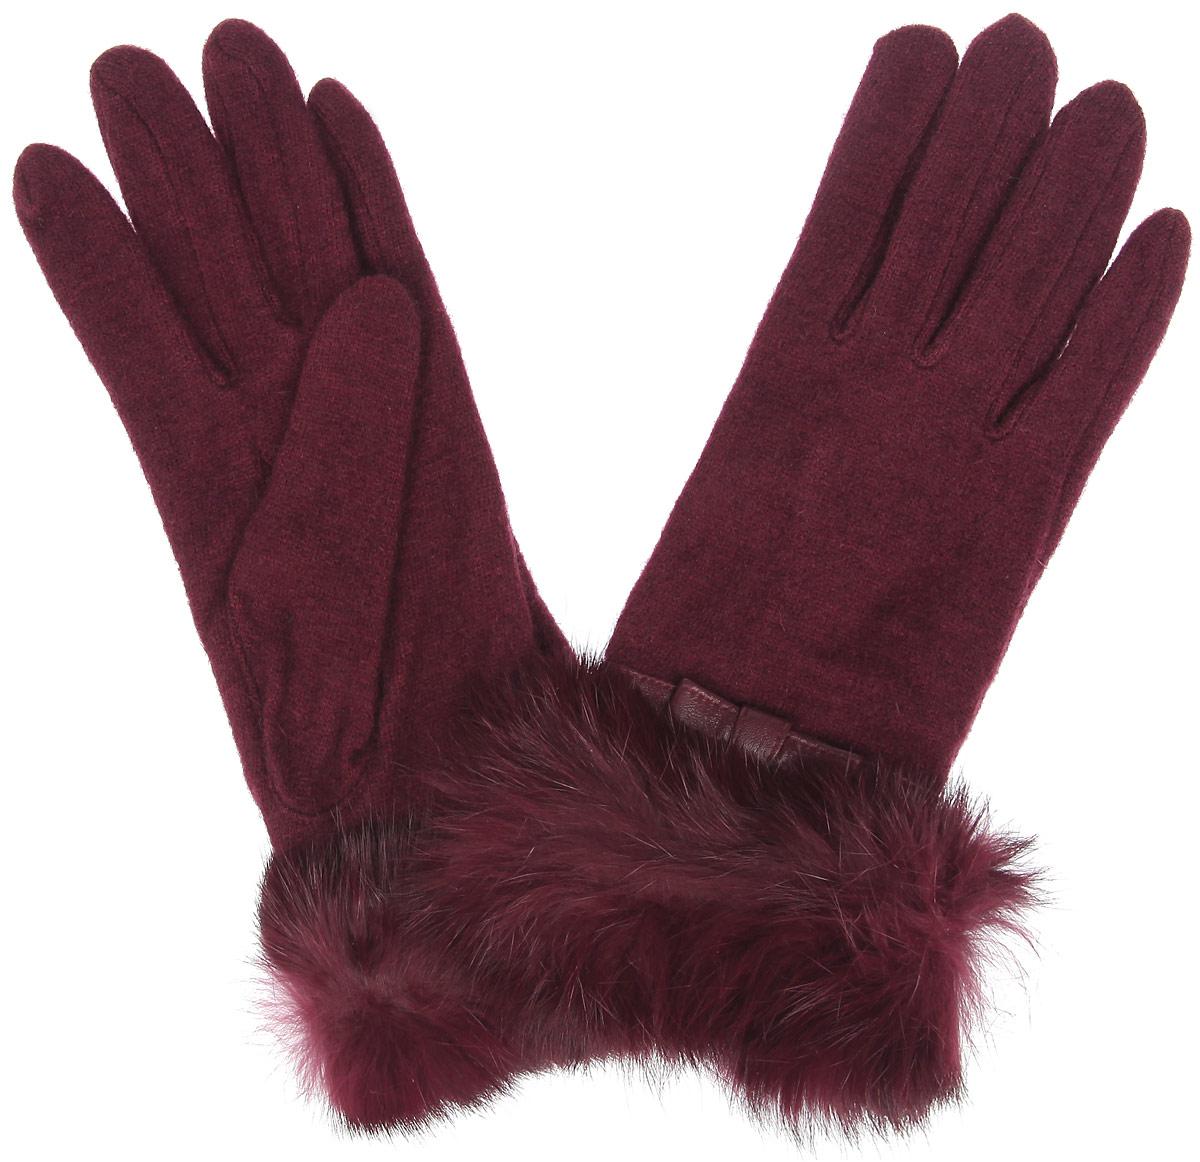 ПерчаткиLB-PH-37Стильные женские перчатки Labbra не только защитят ваши руки от холода, но и станут великолепным украшением. Перчатки выполнены из шерсти с добавлением акрила и ангоры. Модель украшена оторочкой из натурального меха кролика и декоративным кожаным ремешком с бантиком. В настоящее время перчатки являются неотъемлемой частью одежды, вместе с этим аксессуаром вы обретаете женственность и элегантность. Перчатки станут завершающим и подчеркивающим элементом вашего стиля и неповторимости.